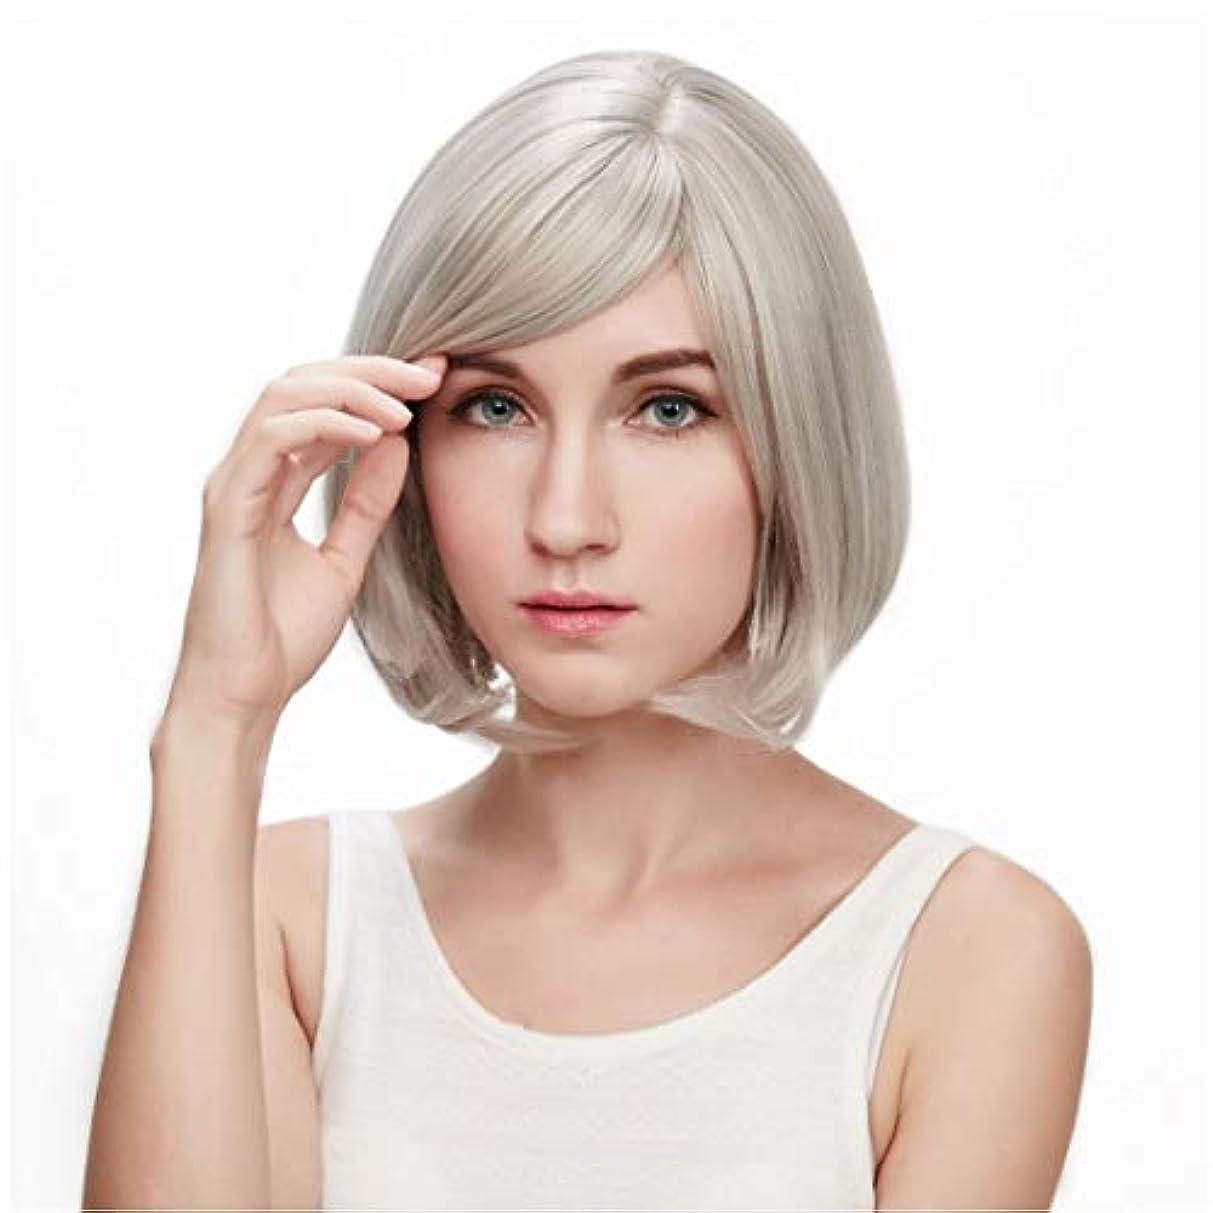 アクセスできない慣れるアレルギーSummerys 本物の髪として自然な女性のための平らな前髪の合成かつらとストレートショートボブの髪かつら